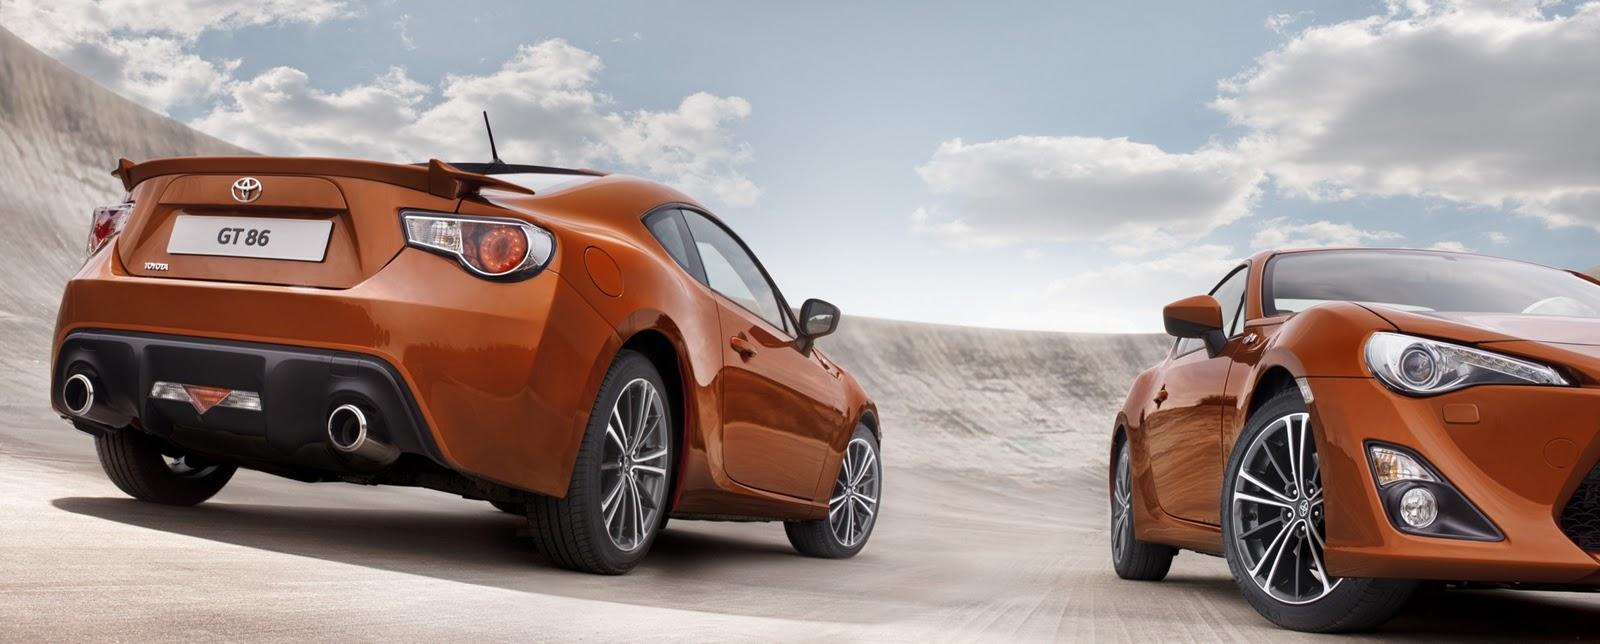 fe089ea48 Na ulice latem 2012 wyjedzie zupełnie nowy samochód - Toyota GT86 - sportowe,  tylnonapędowe coupe 2+2 prawie dla każdego.